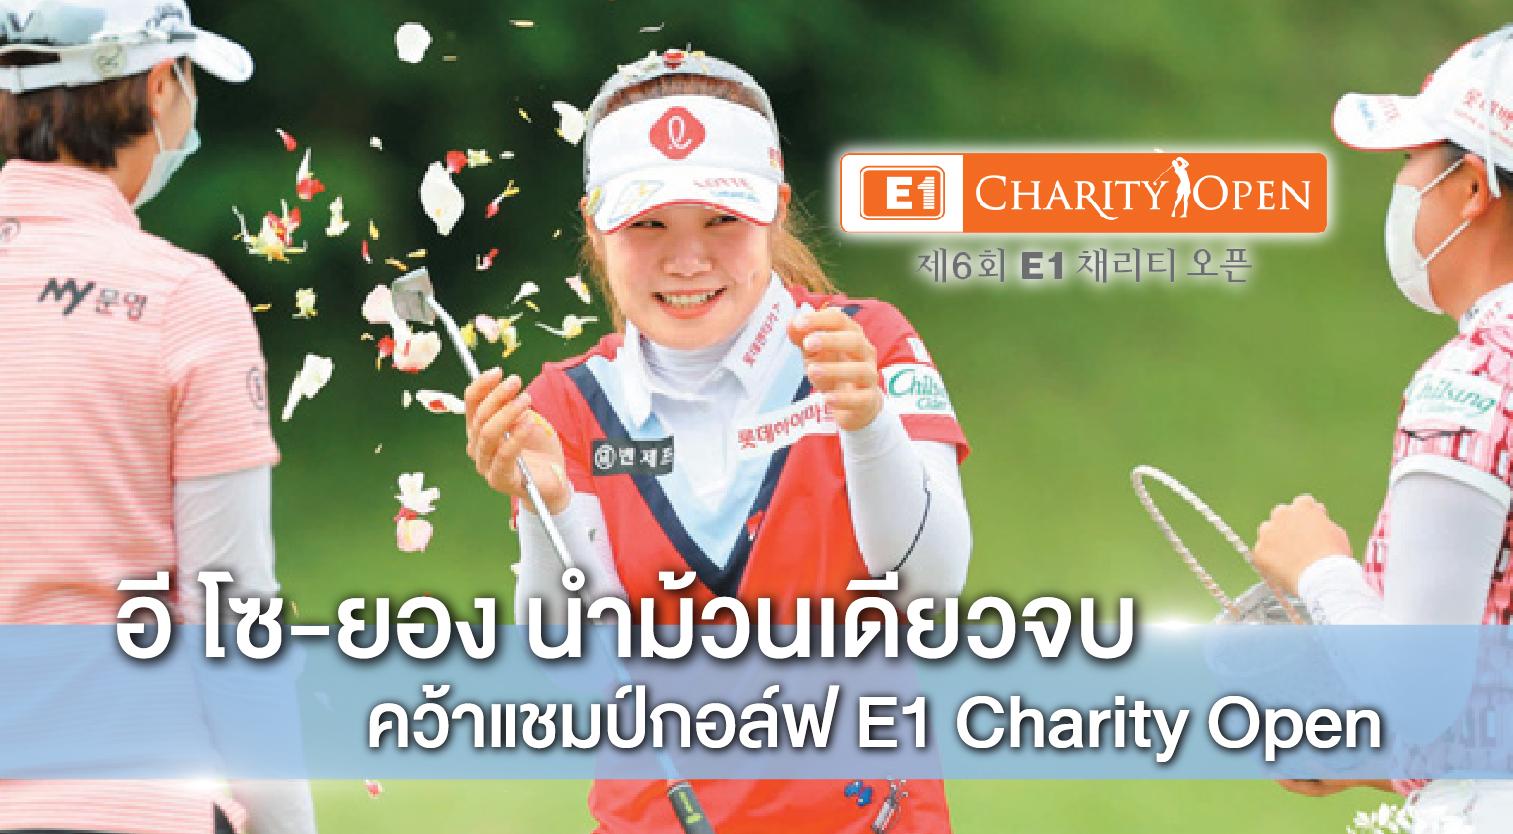 อี โซ-ยอง นำม้วนเดียวจบคว้าแชมป์กอล์ฟ E1 Charity Open